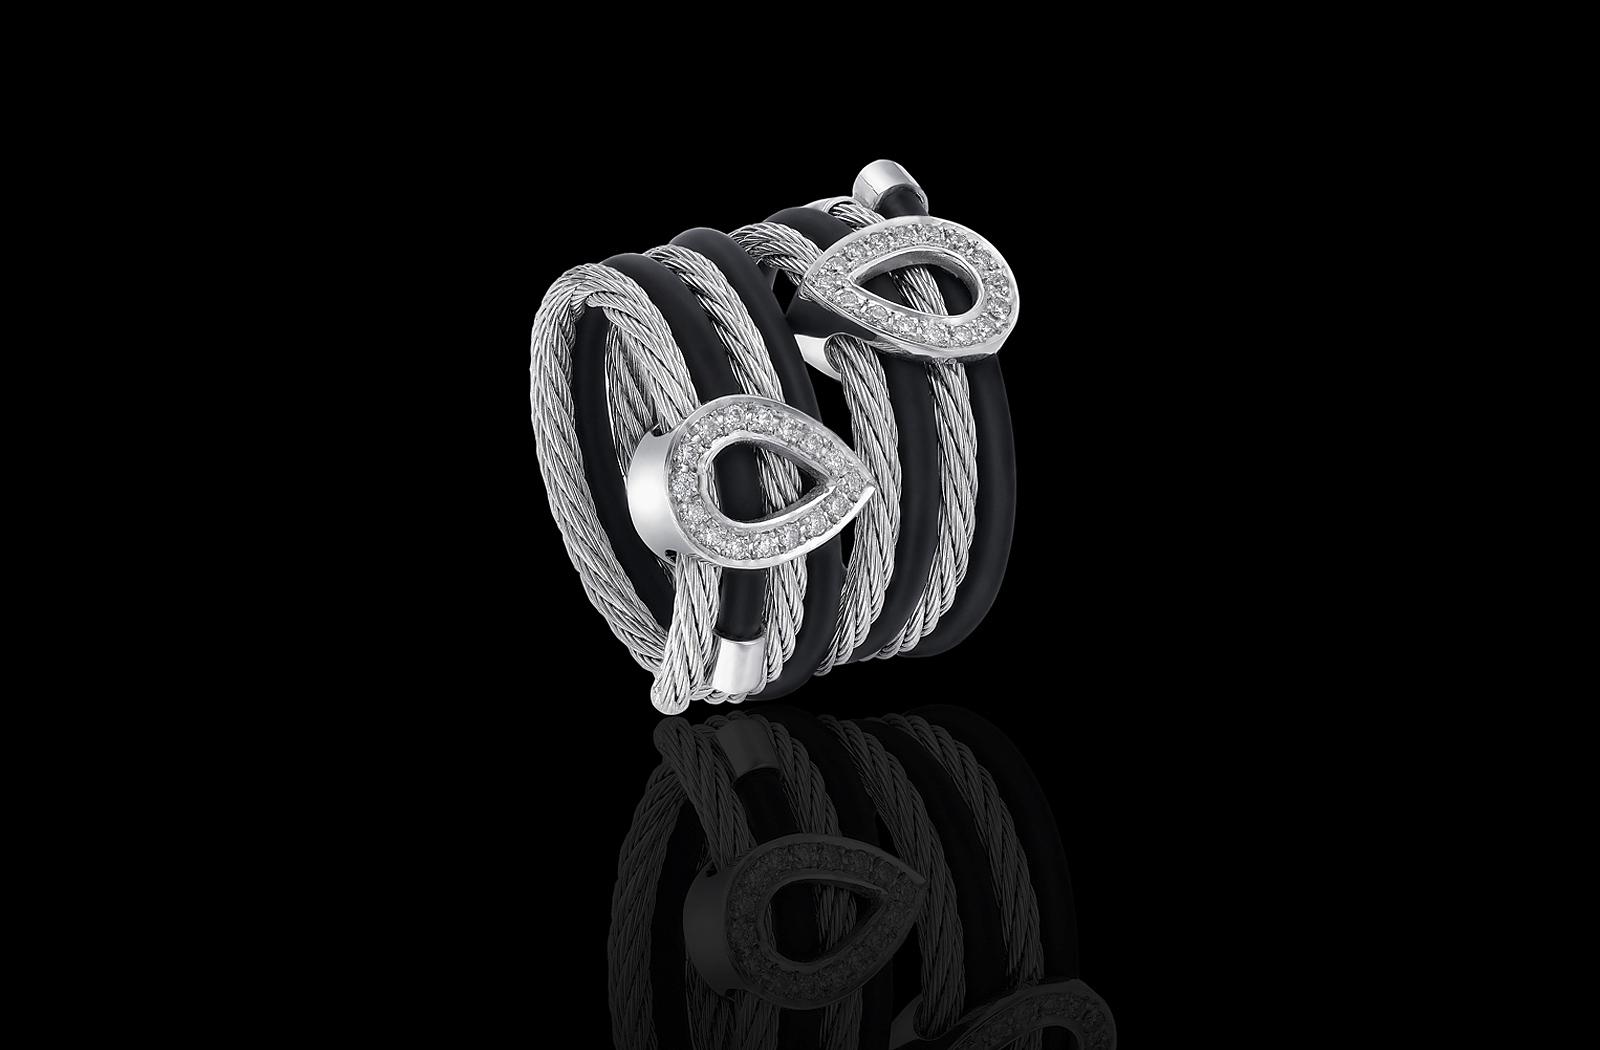 טבעת בזהב לבן 18K המשלבת סיליקון שחור וטיפות זהב המשובצות יהלומים